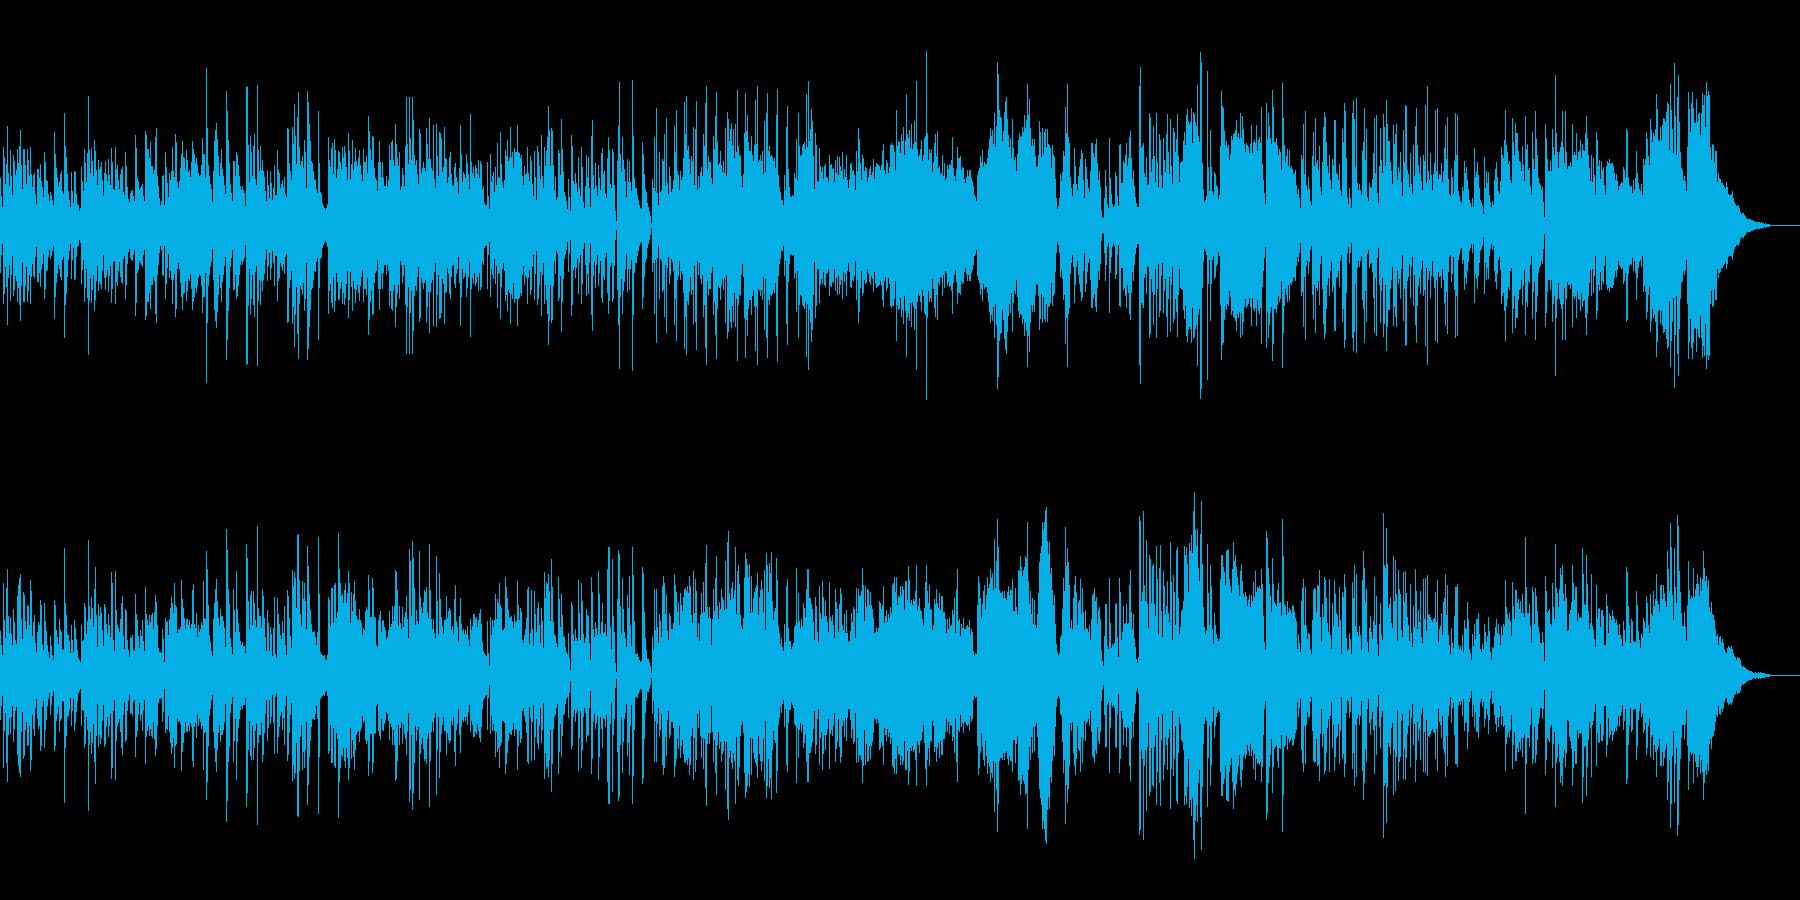 グリーンスリーブス合唱X'masジャズ の再生済みの波形